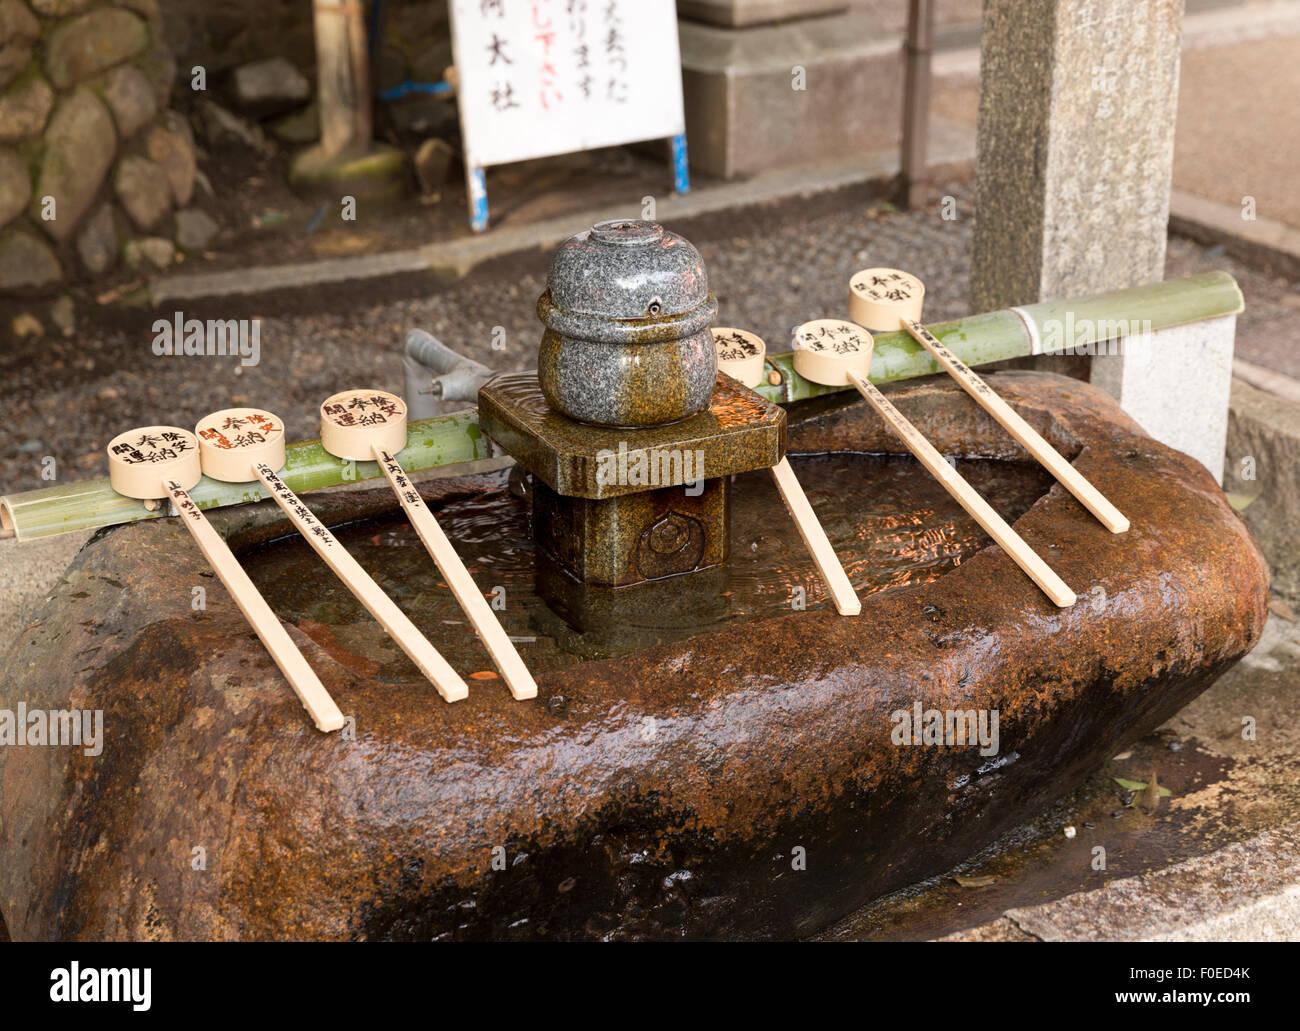 Fuente de agua y cucharones en santuario sintoísta Fushimi Inari en Kyoto, Japón Imagen De Stock